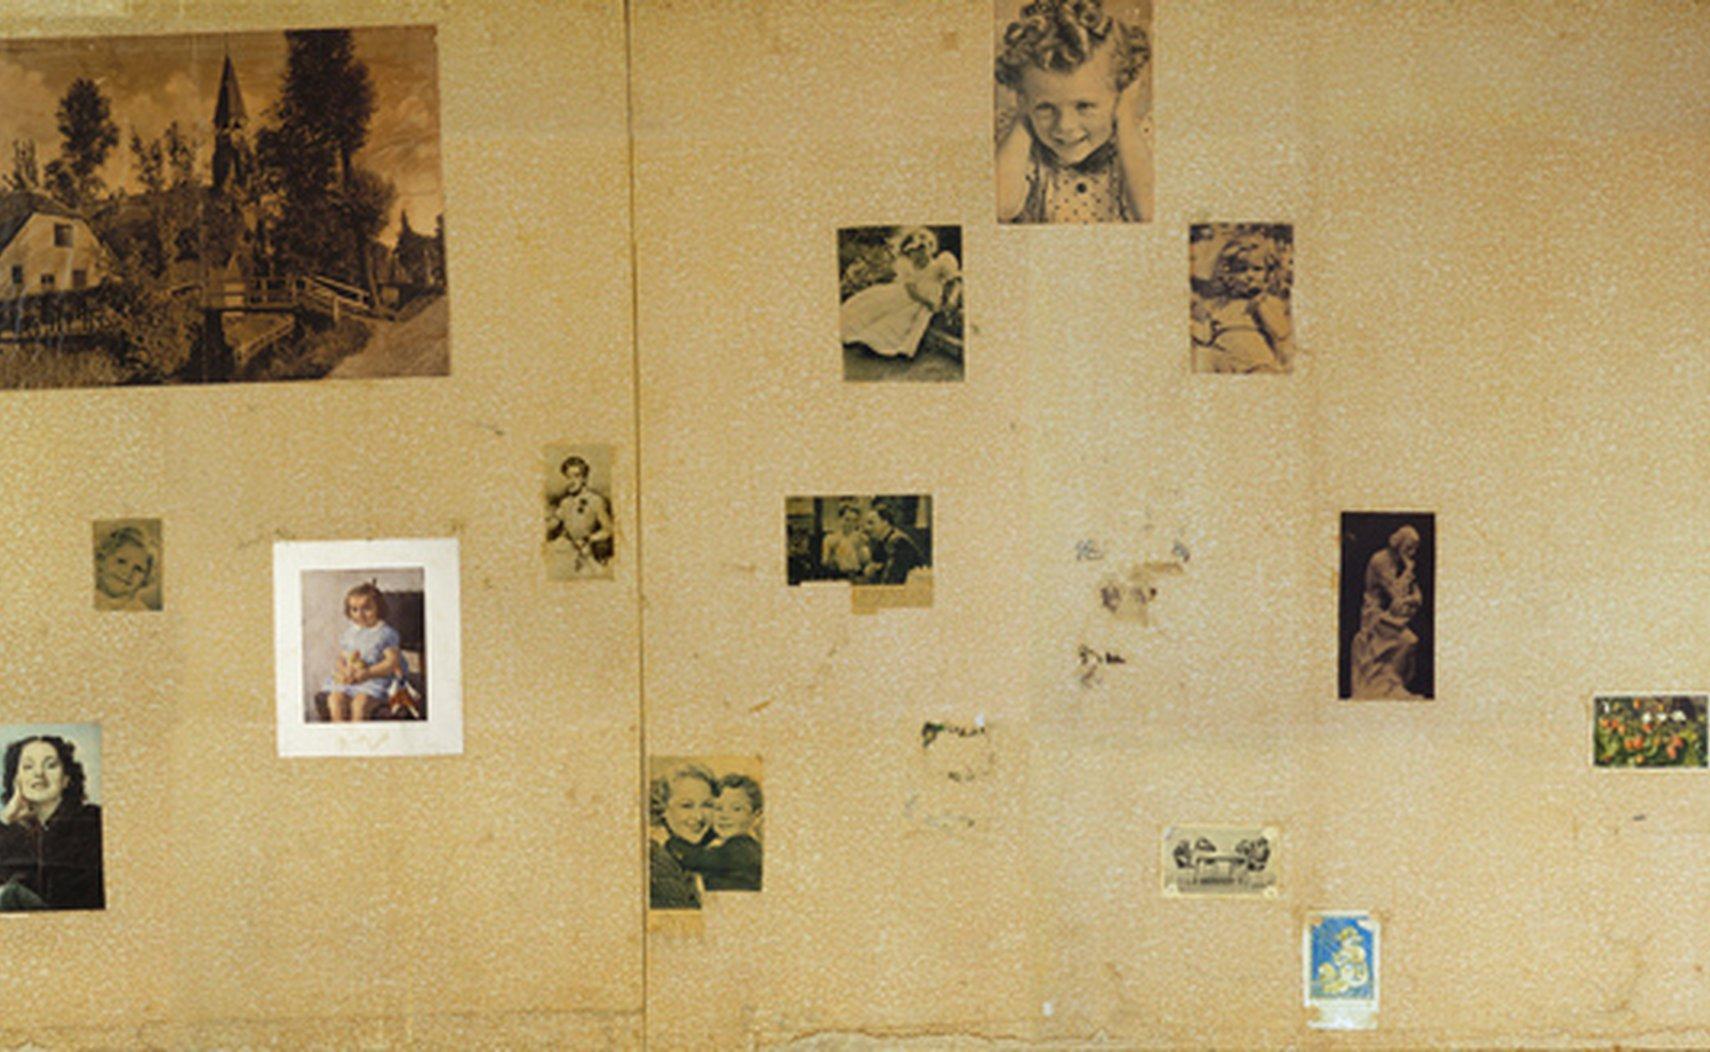 Wand met plaatjes in de kamer van Anne Frank